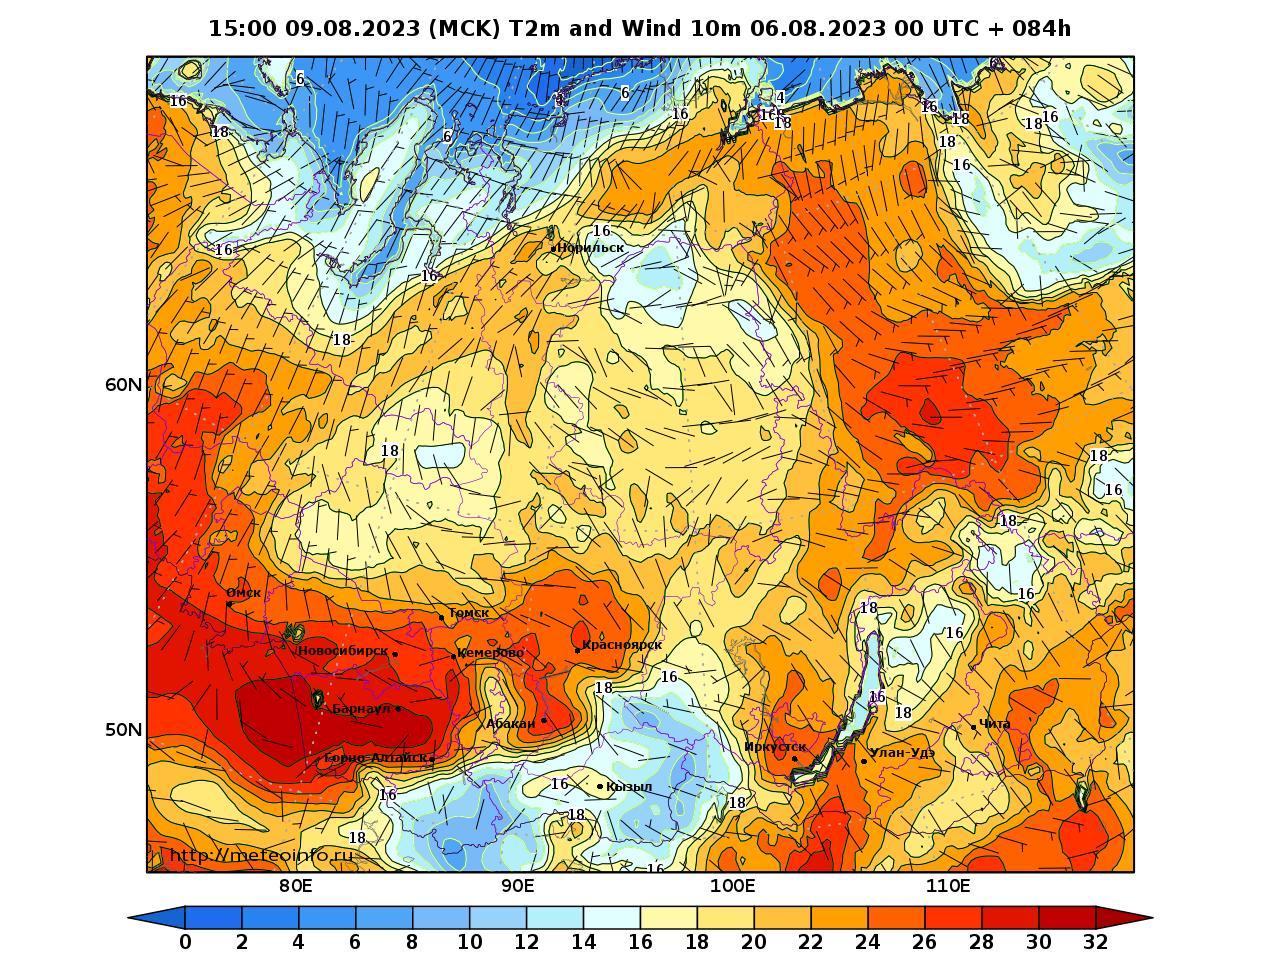 Сибирский Федеральный округ, прогностическая карта приземная температура, заблаговременность прогноза 84 часа